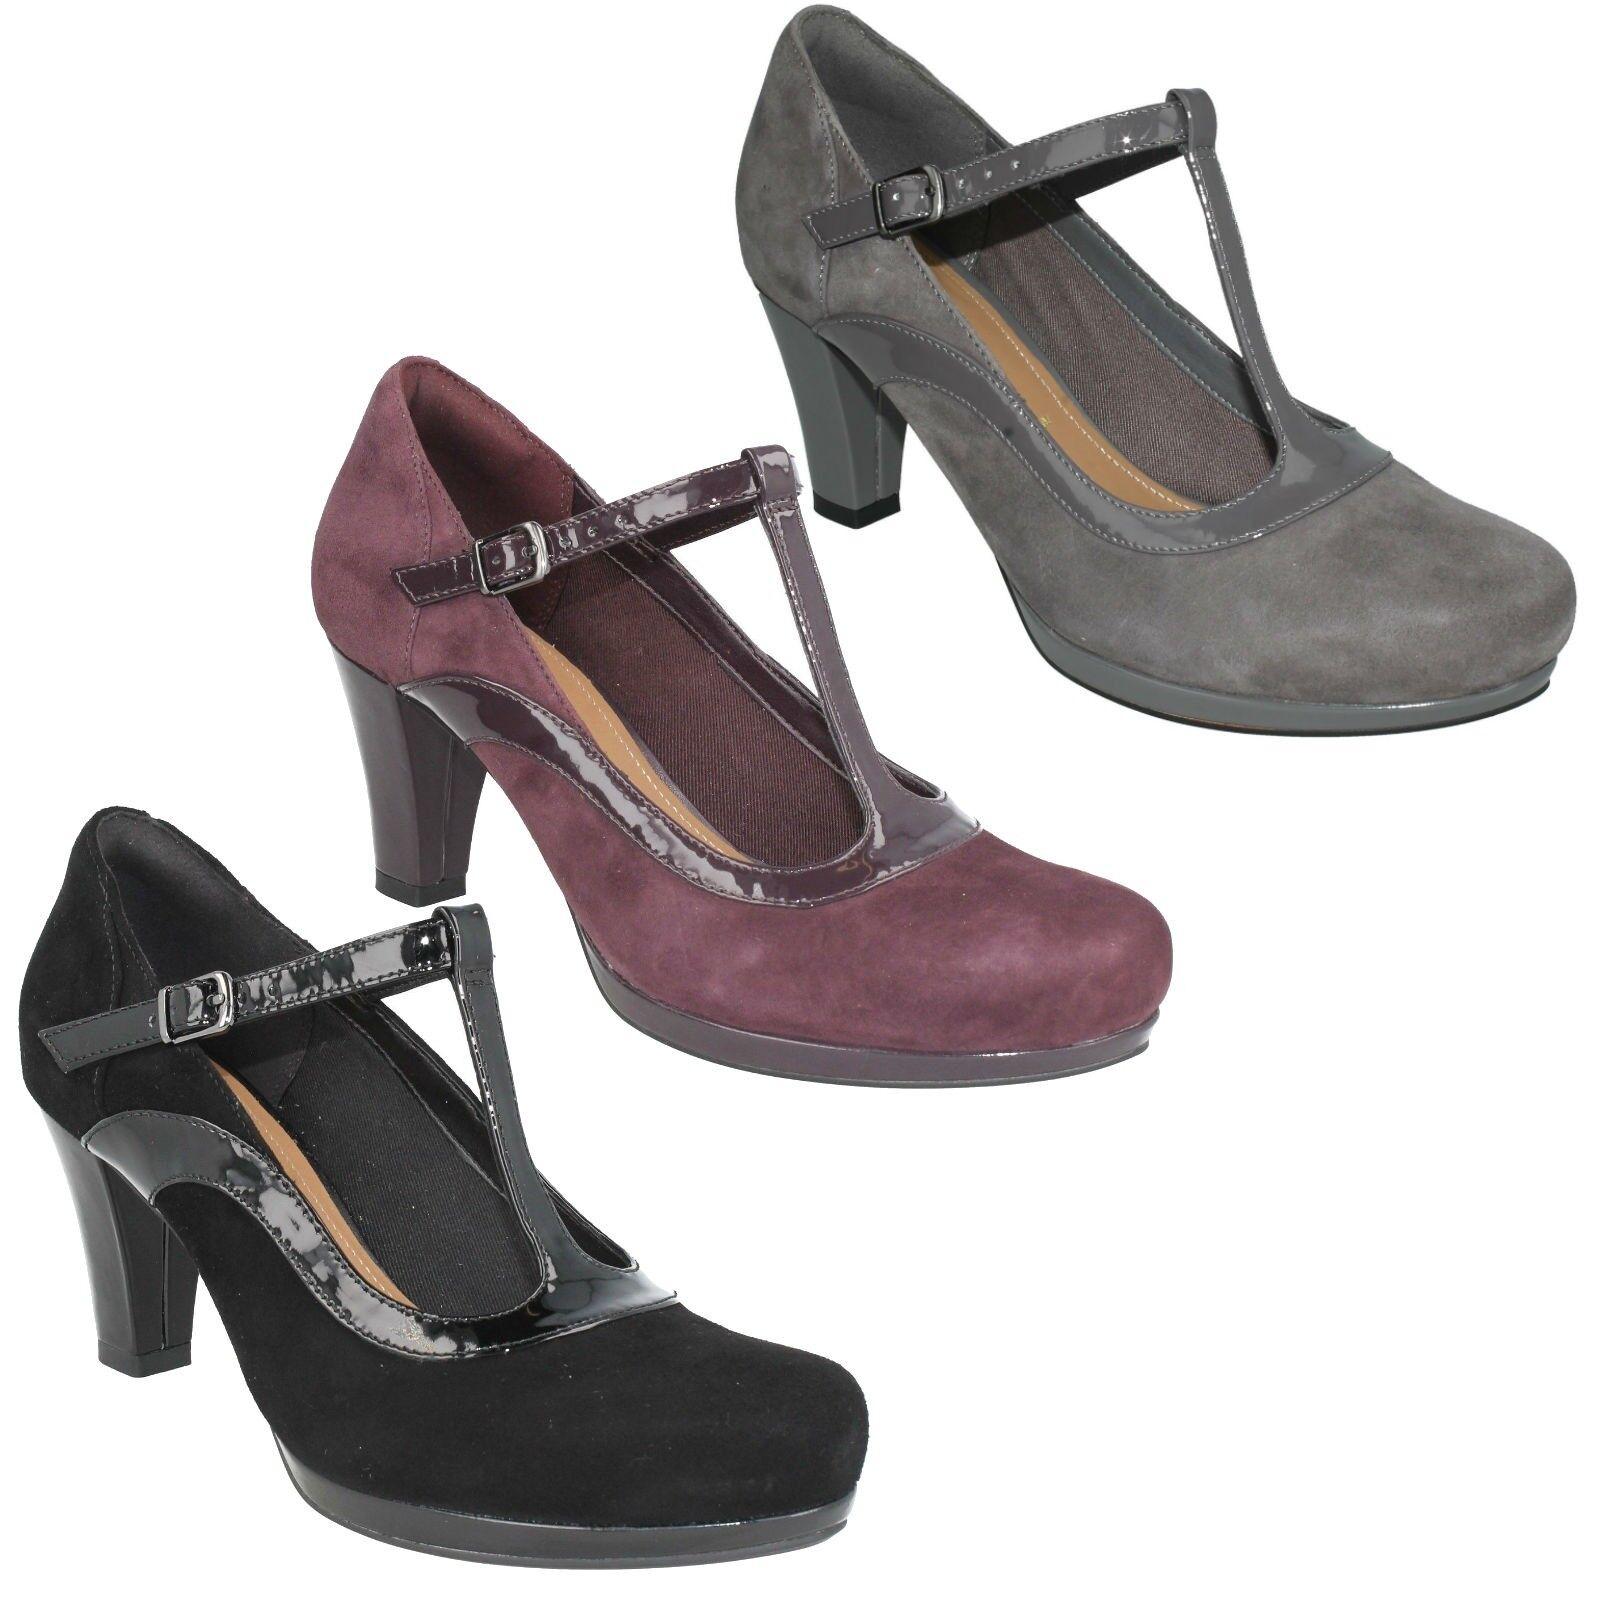 Sandalo Donna Clarks in pelle scamosciata t Fibbia bar Smart Fibbia t Scarpe   e9e938